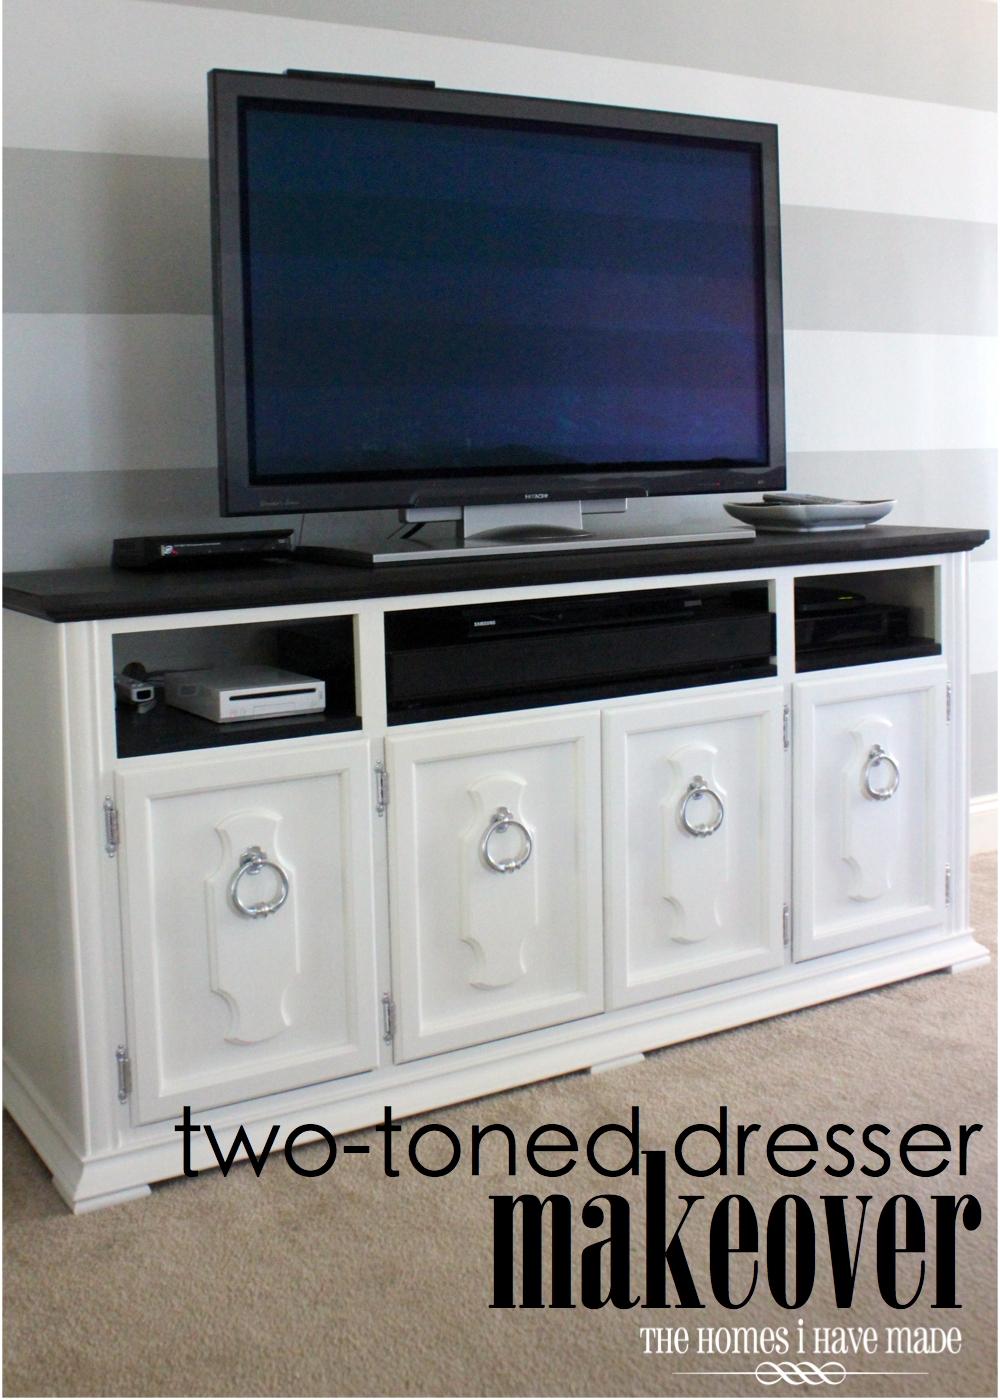 Dresser Makeover {Living Room Update} | The Homes I Have Made